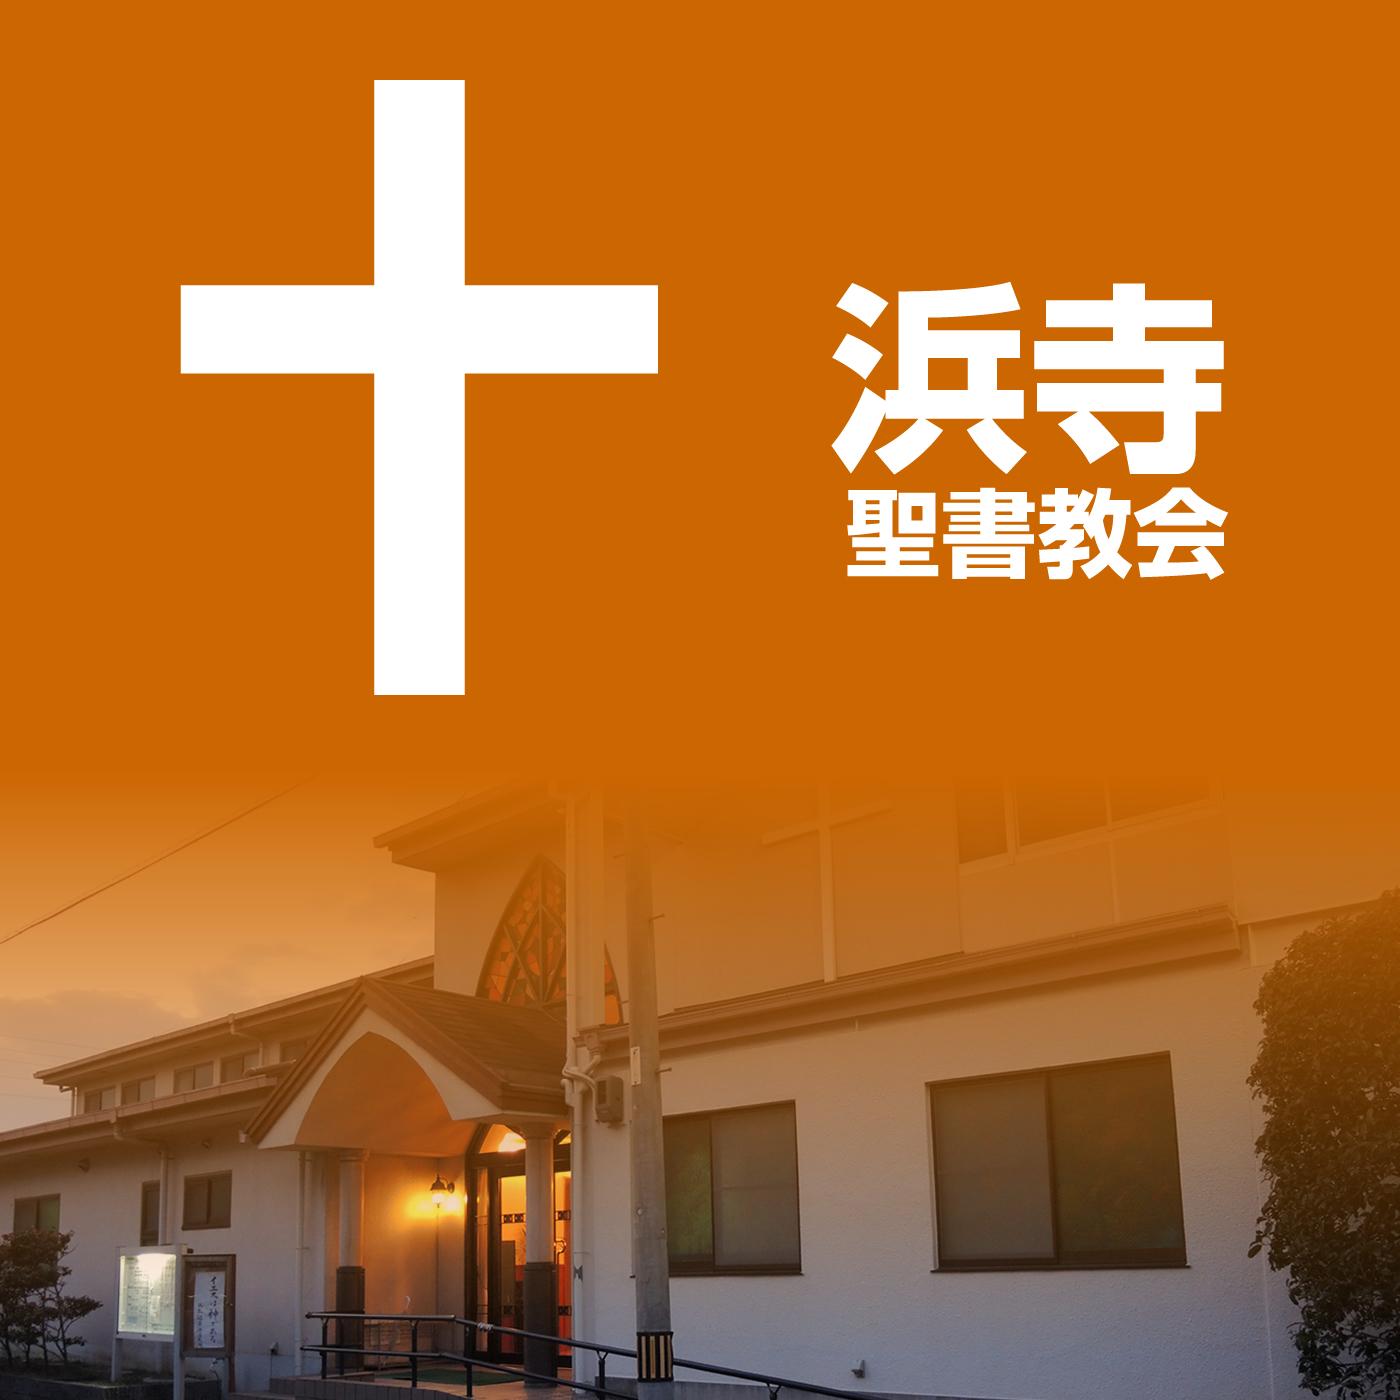 浜寺聖書教会 礼拝メッセージ